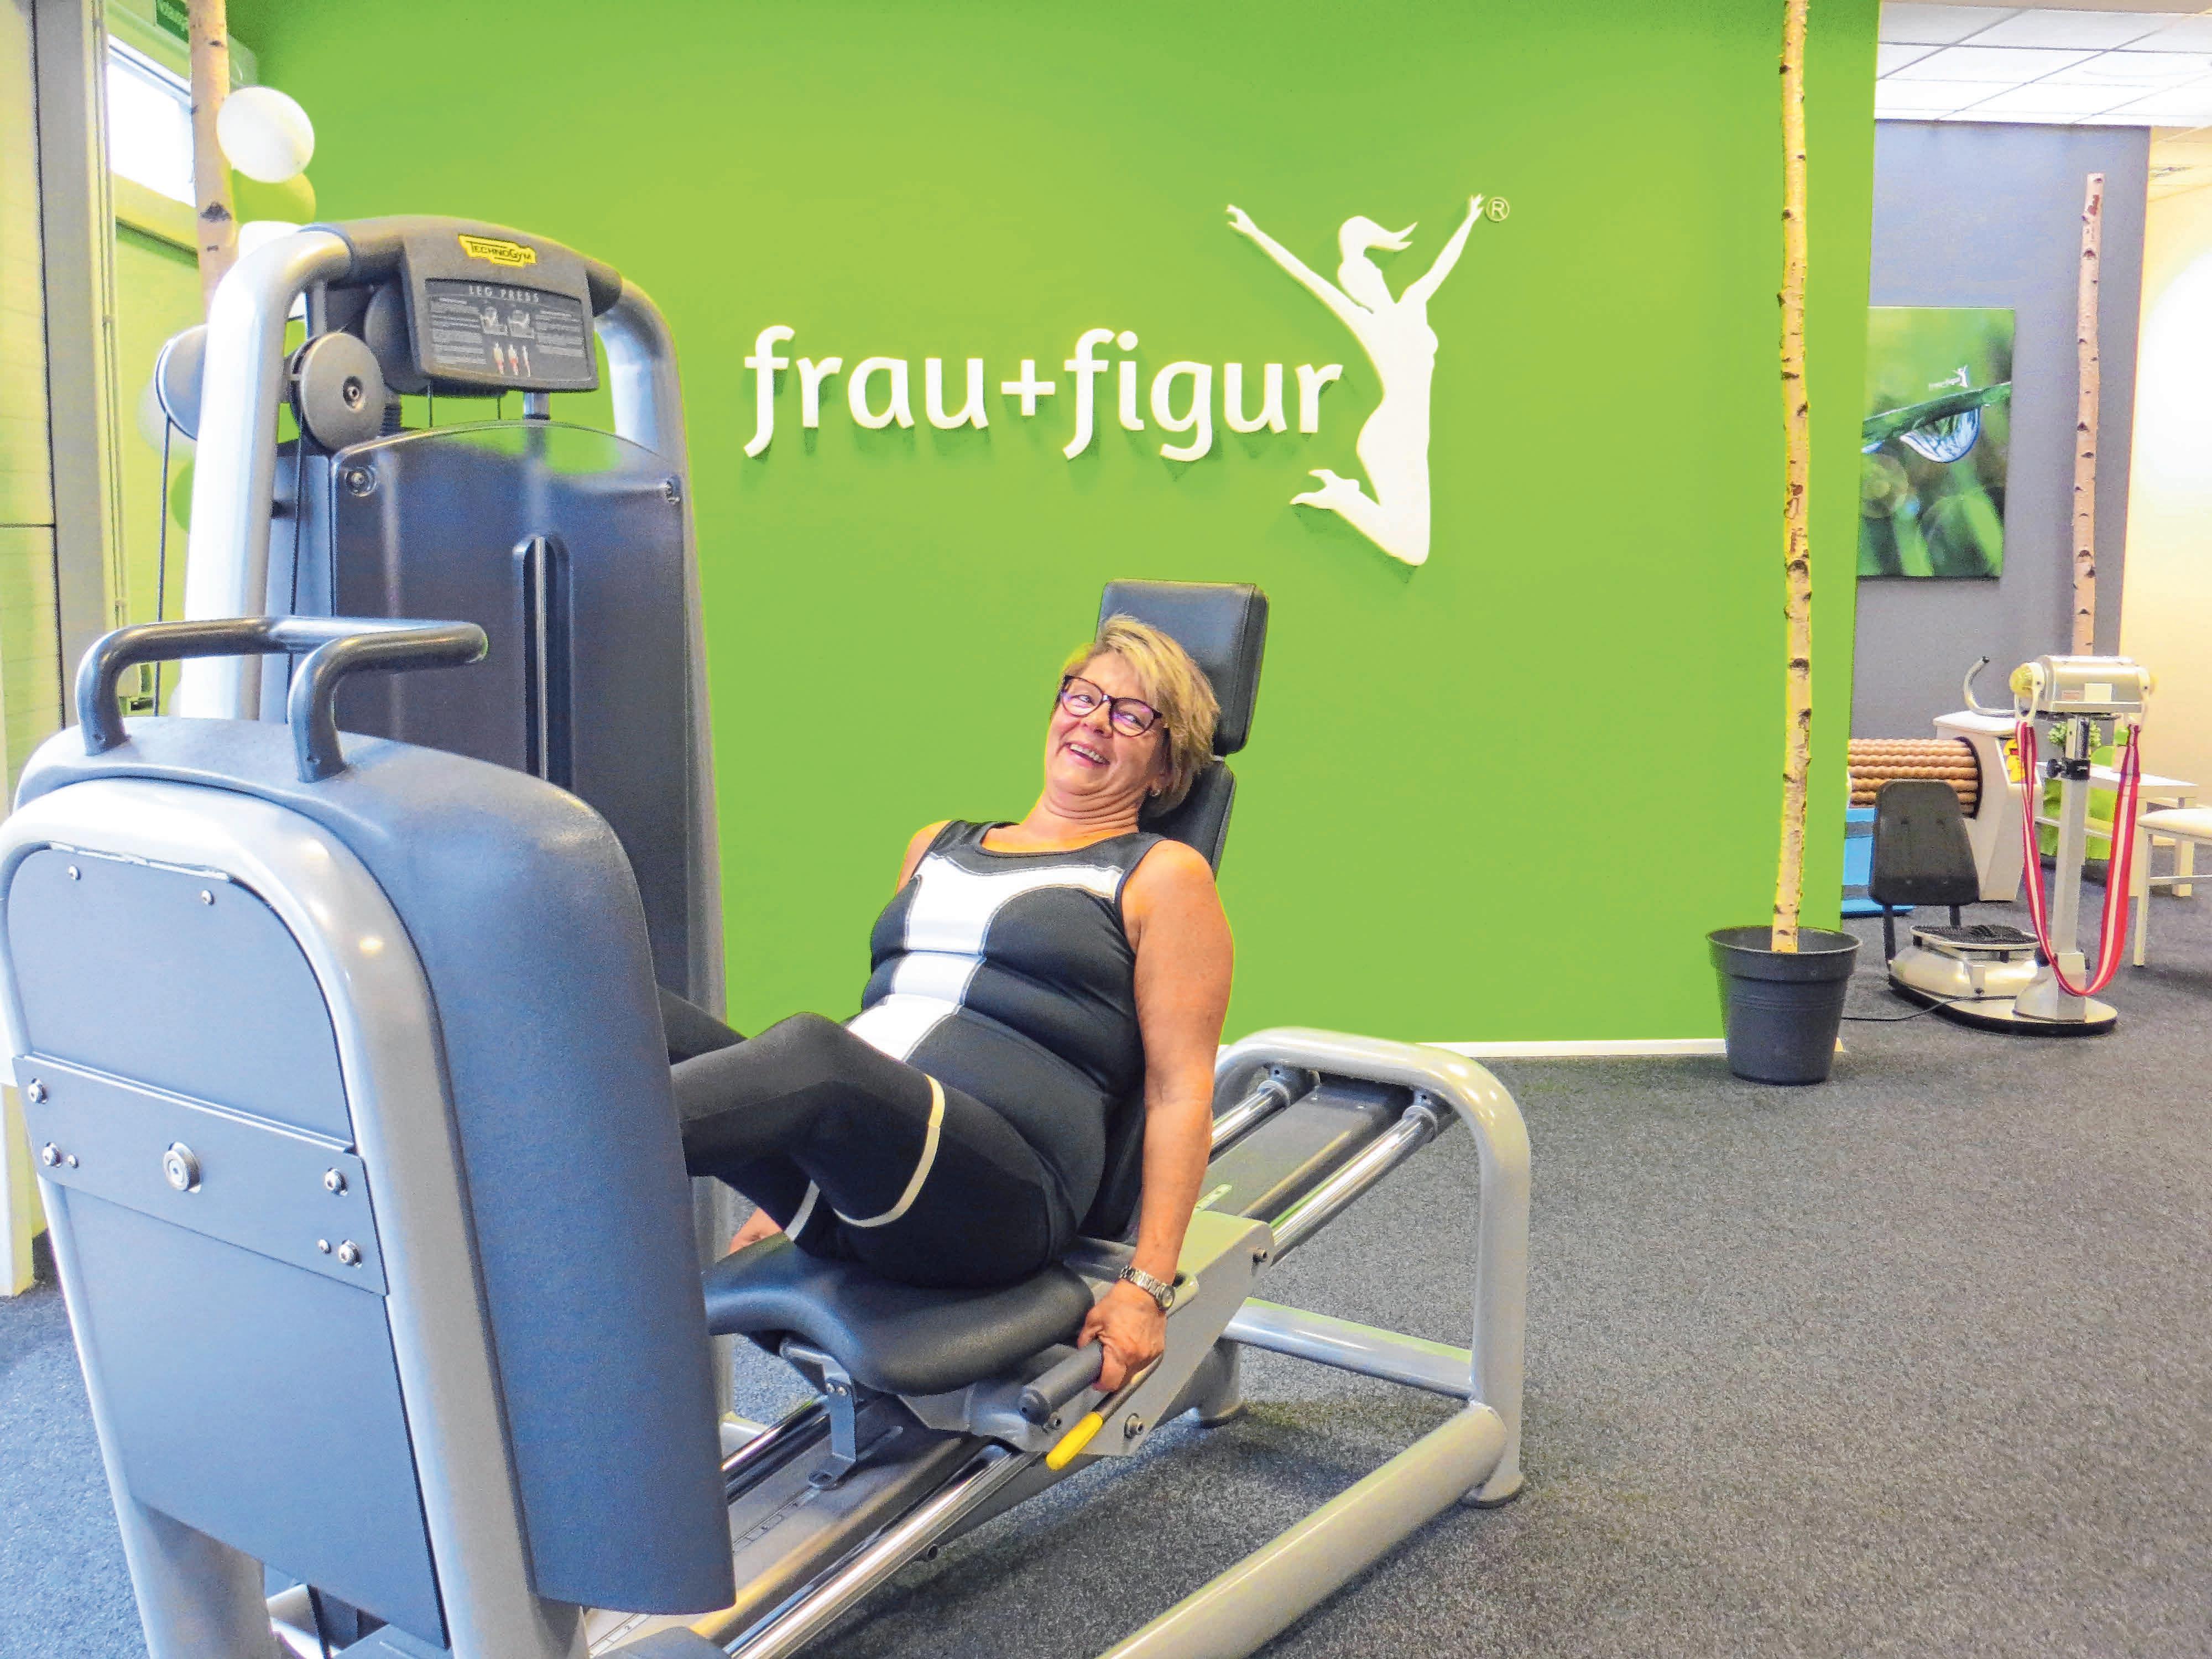 Für eine gute Figur braucht Frau eine Portion Fleiß und ein gutes Trainingskonzept FOTO: PROFERRARIUS